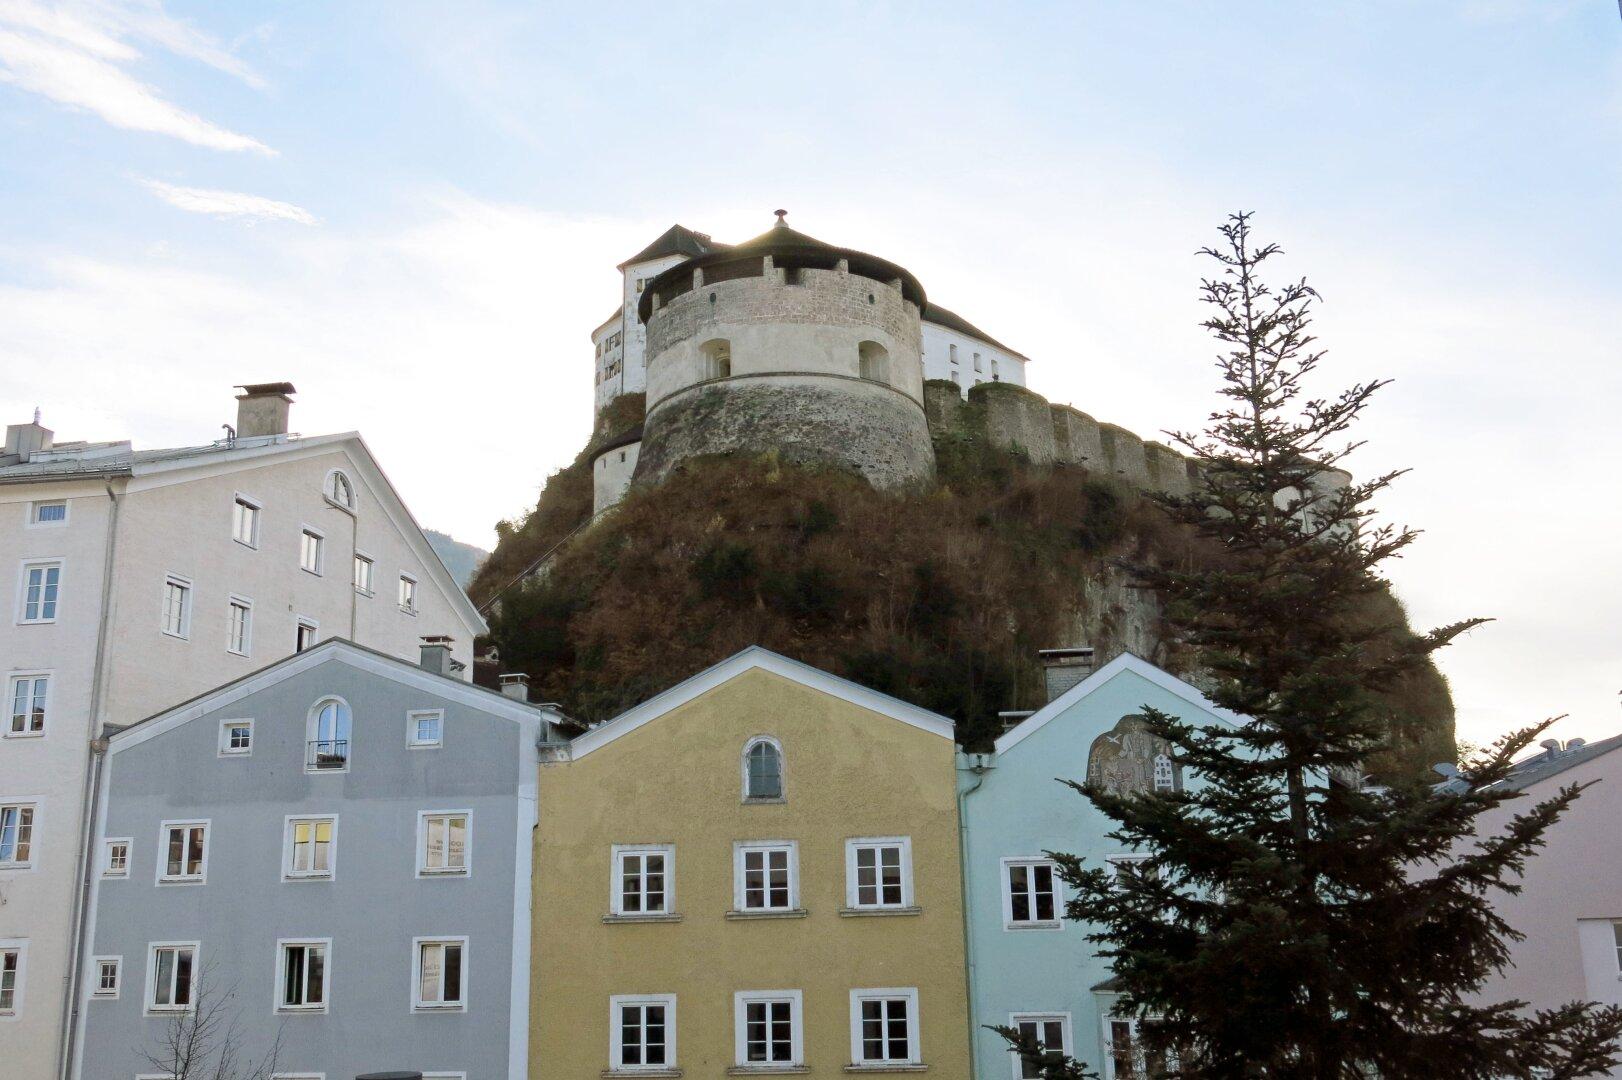 Festungsblick, exklusive Stadtwohnung Kufstein